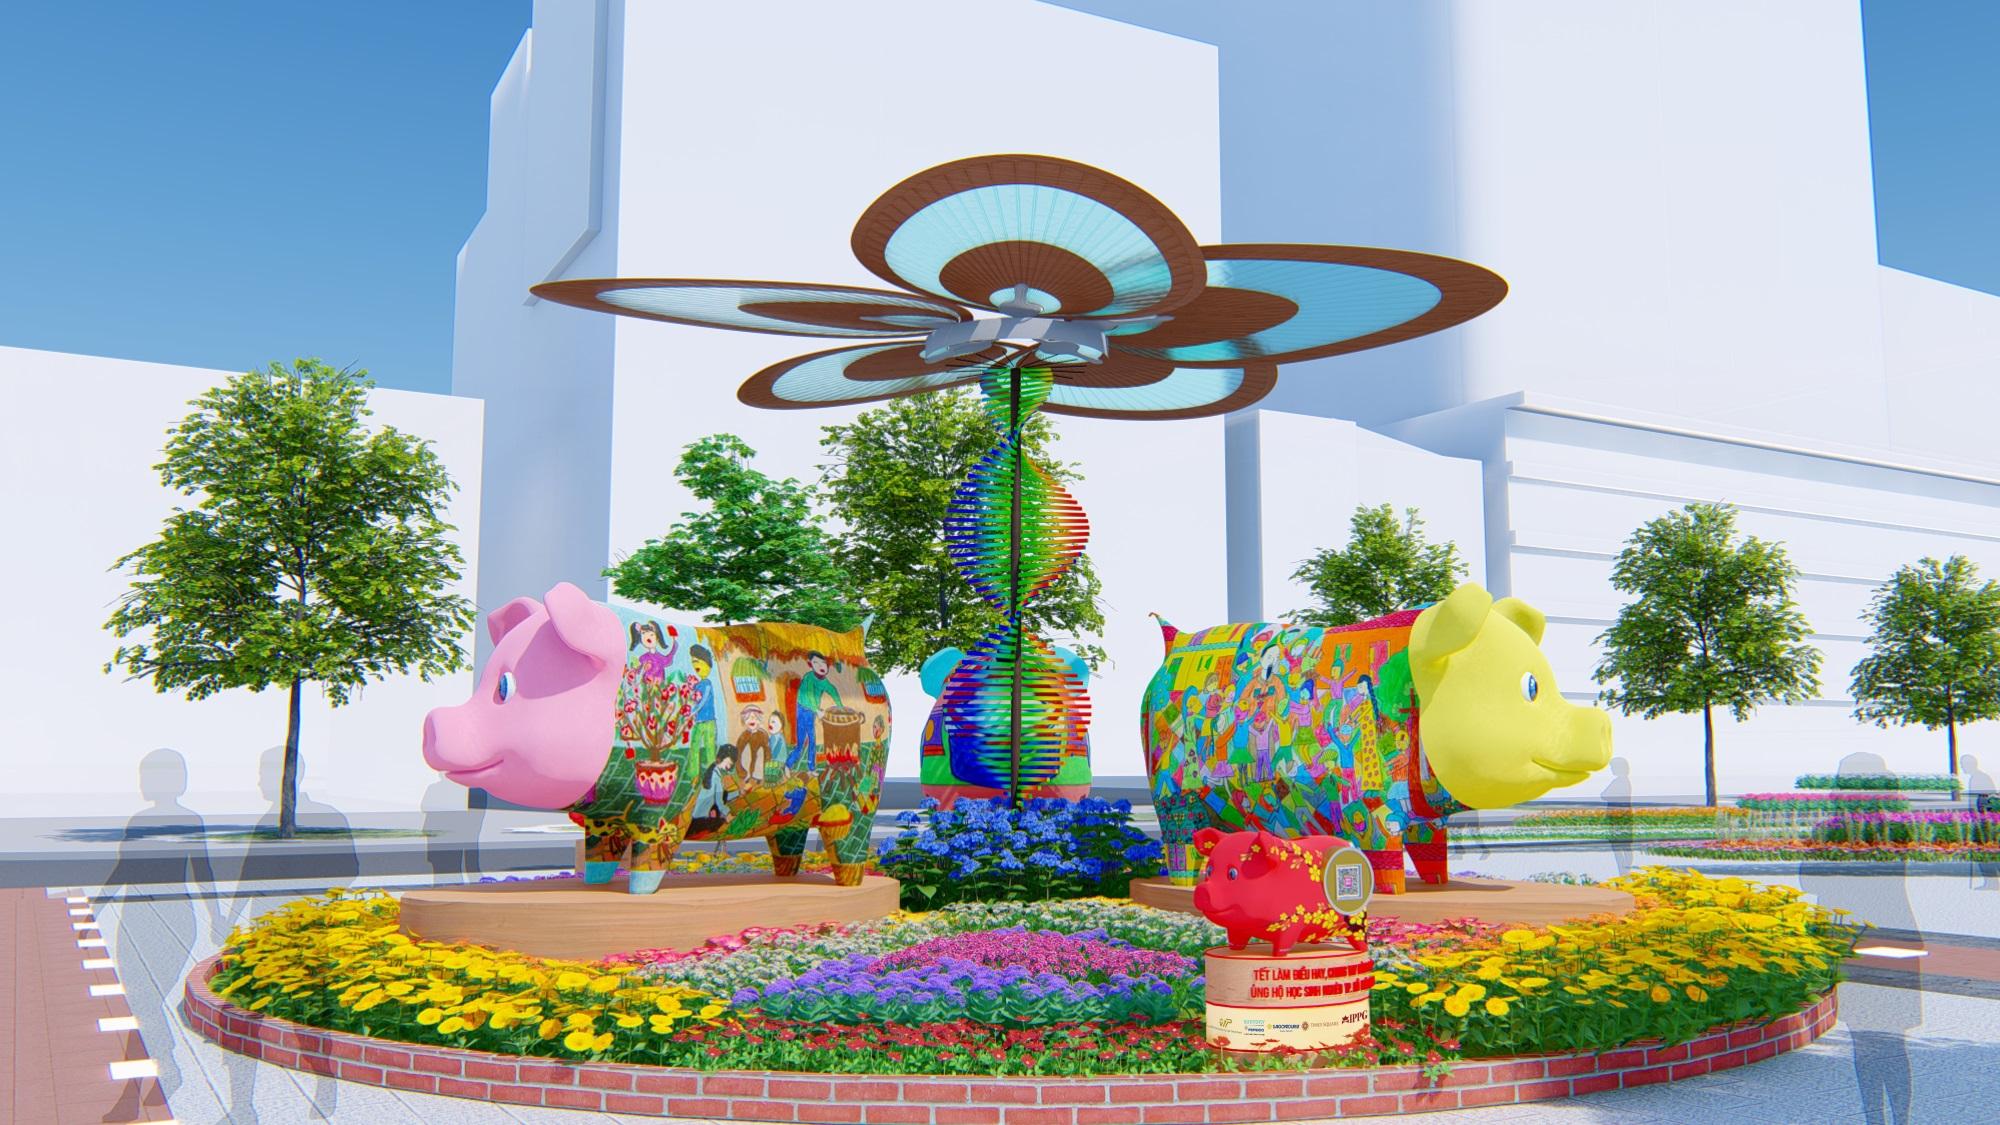 Sẽ có gì trên đường hoa Nguyễn Huệ Tết Kỷ Hợi 2019? - Ảnh 5